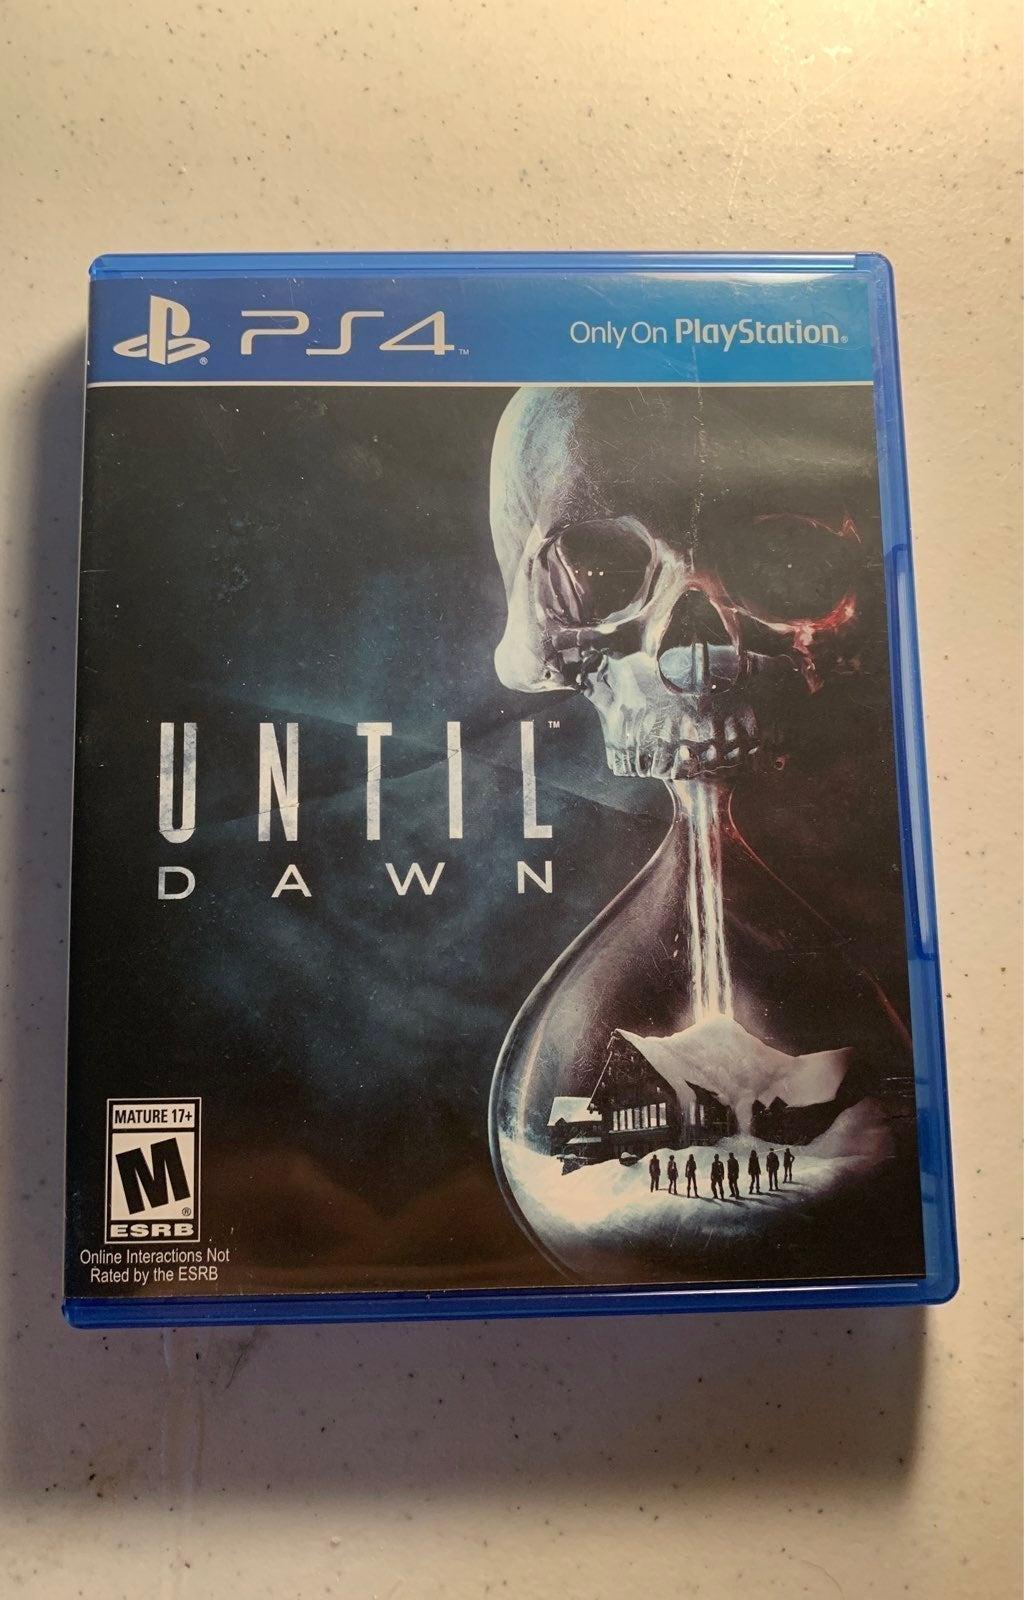 Until Dawn on Playstation 4